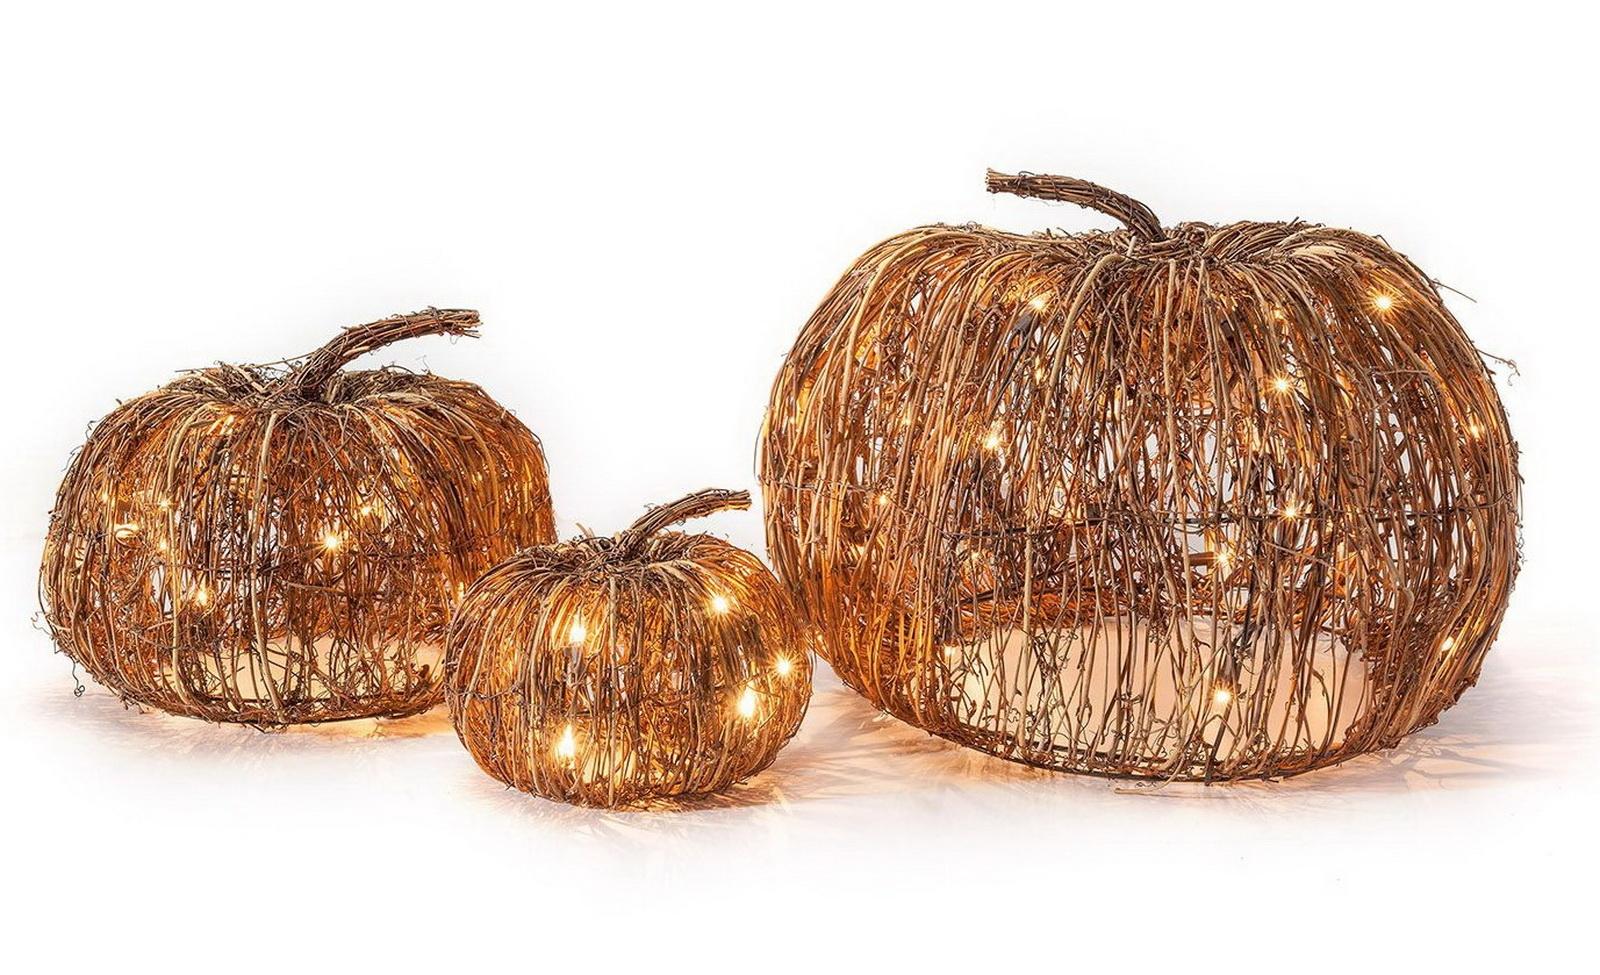 Set of 3 Indoor and Outdoor Decorative Lighted Pumpkins Halloween ...